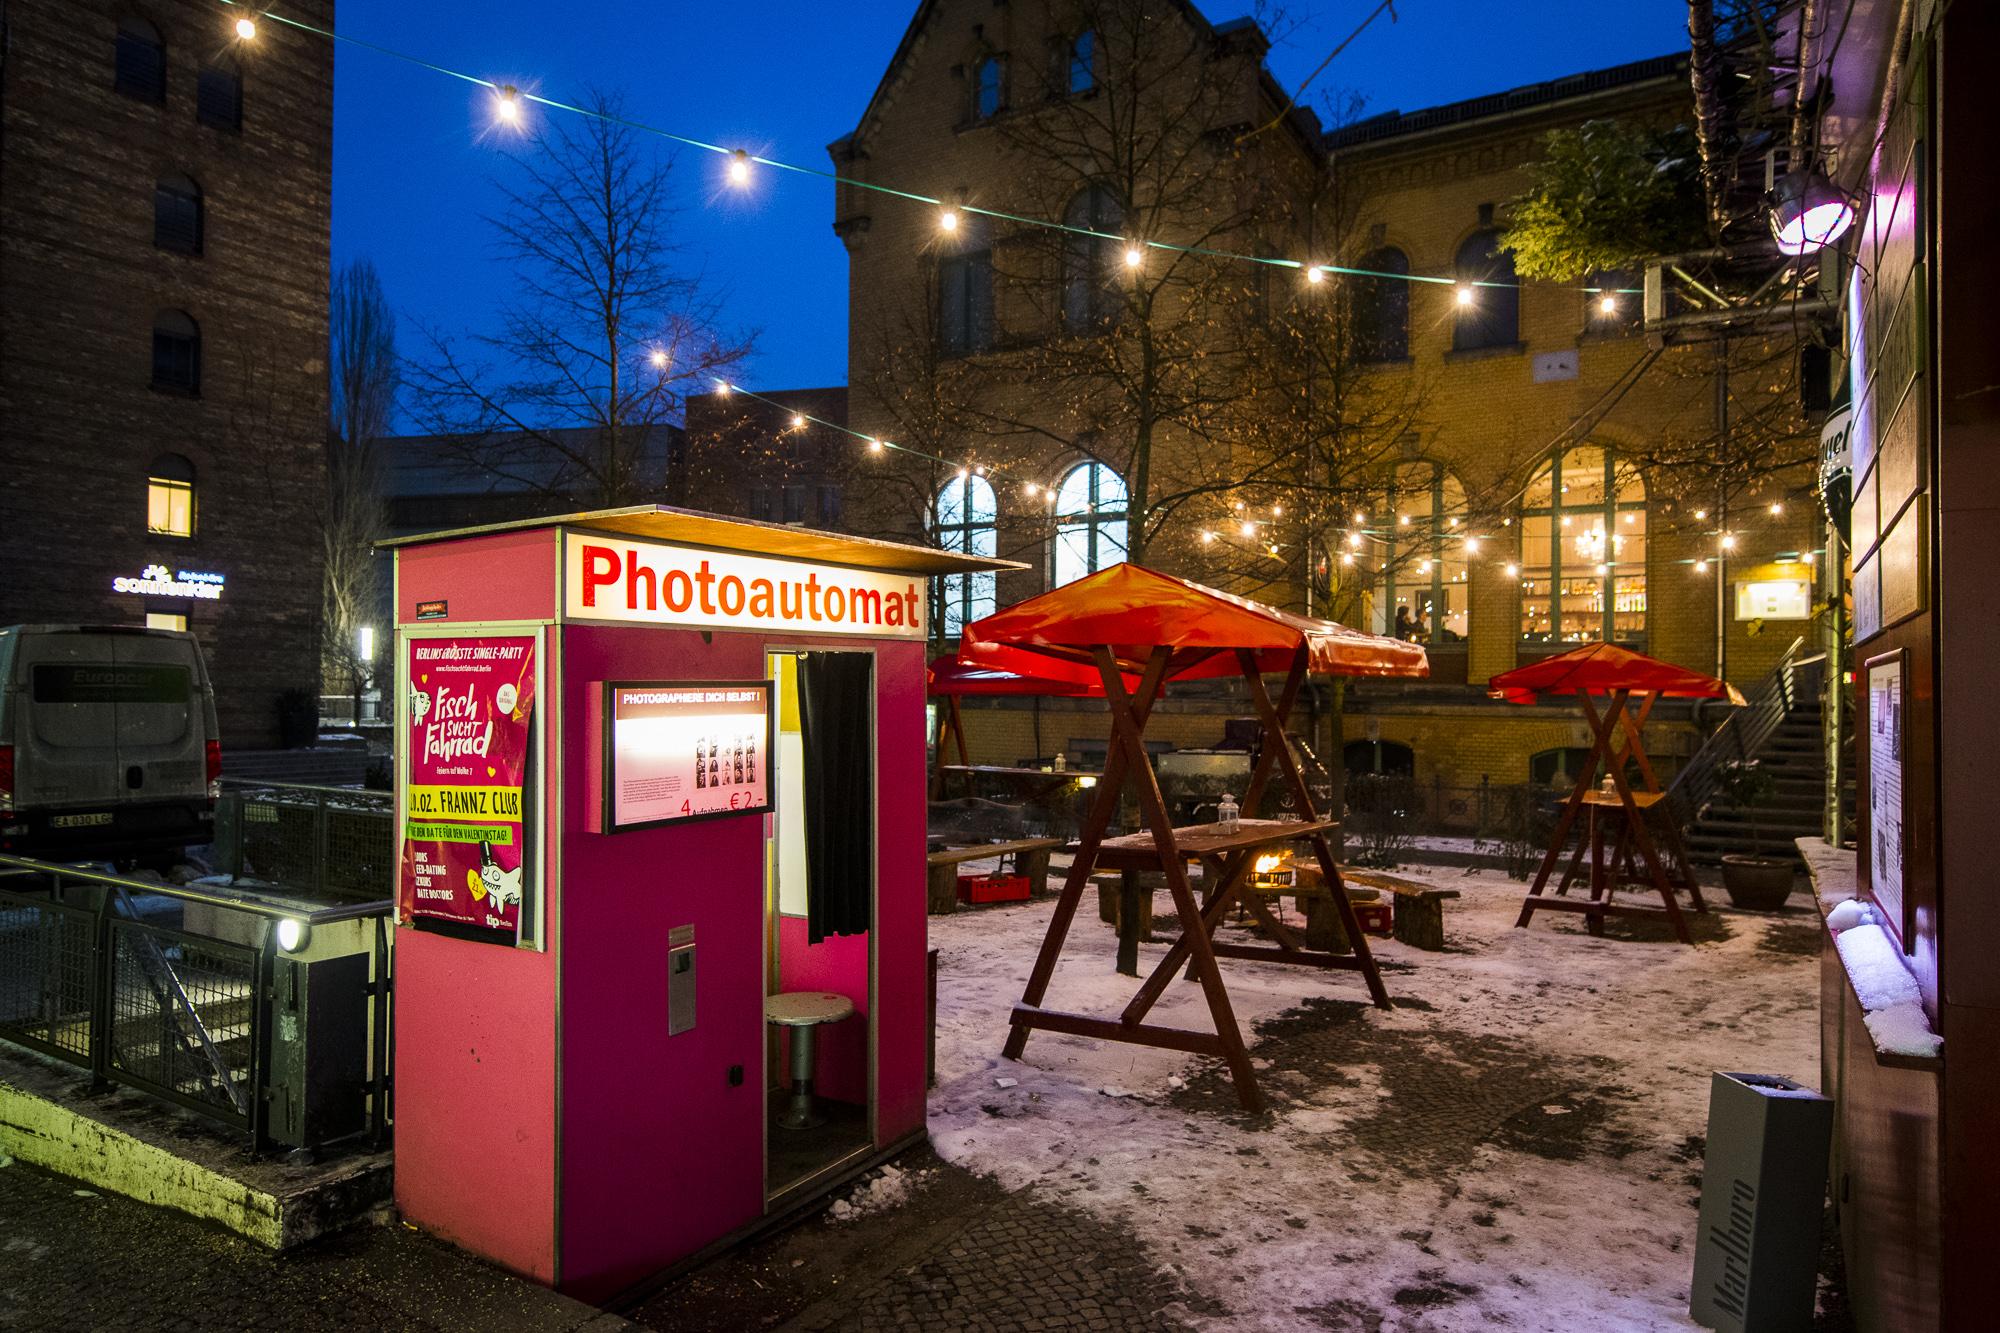 Frannz Club  PHOTOGRAPHY: ALEXANDER J.E. BRADLEY • NIKON D500 • AF-S NIKKOR 14-24MM F/2.8G ED @ 14MM • F/4 • 1/50 • ISO 1600